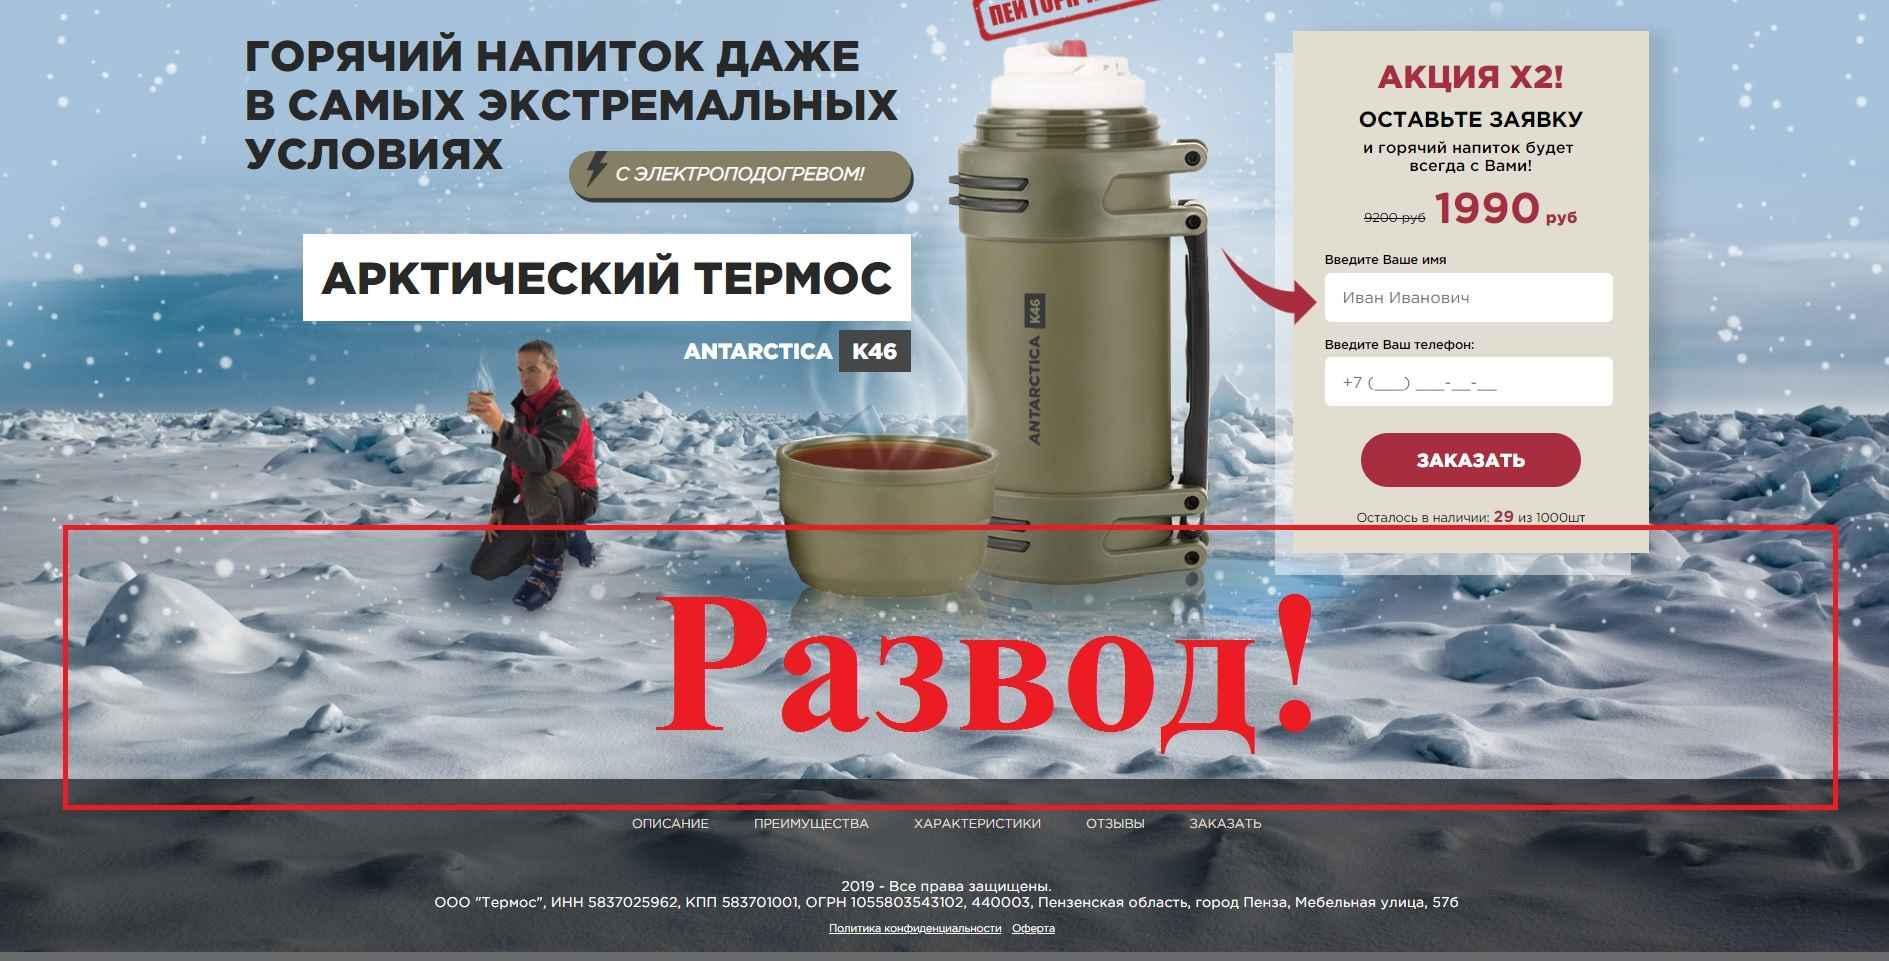 Арктический термос ANTARCTICA K46 – отзывы клиентов